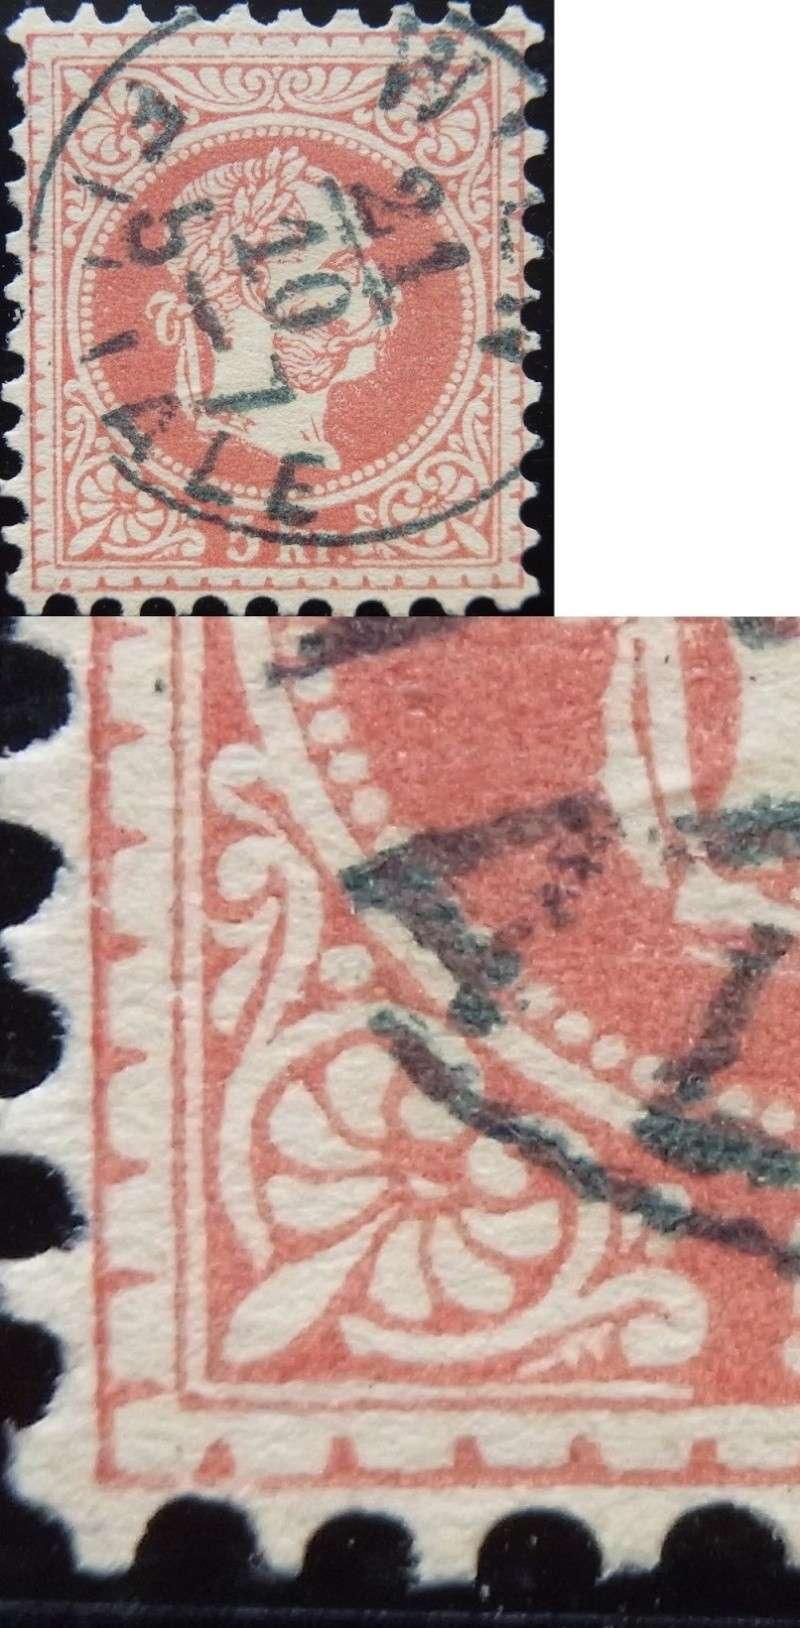 Freimarken-Ausgabe 1867 : Kopfbildnis Kaiser Franz Joseph I - Seite 4 Ank37-17